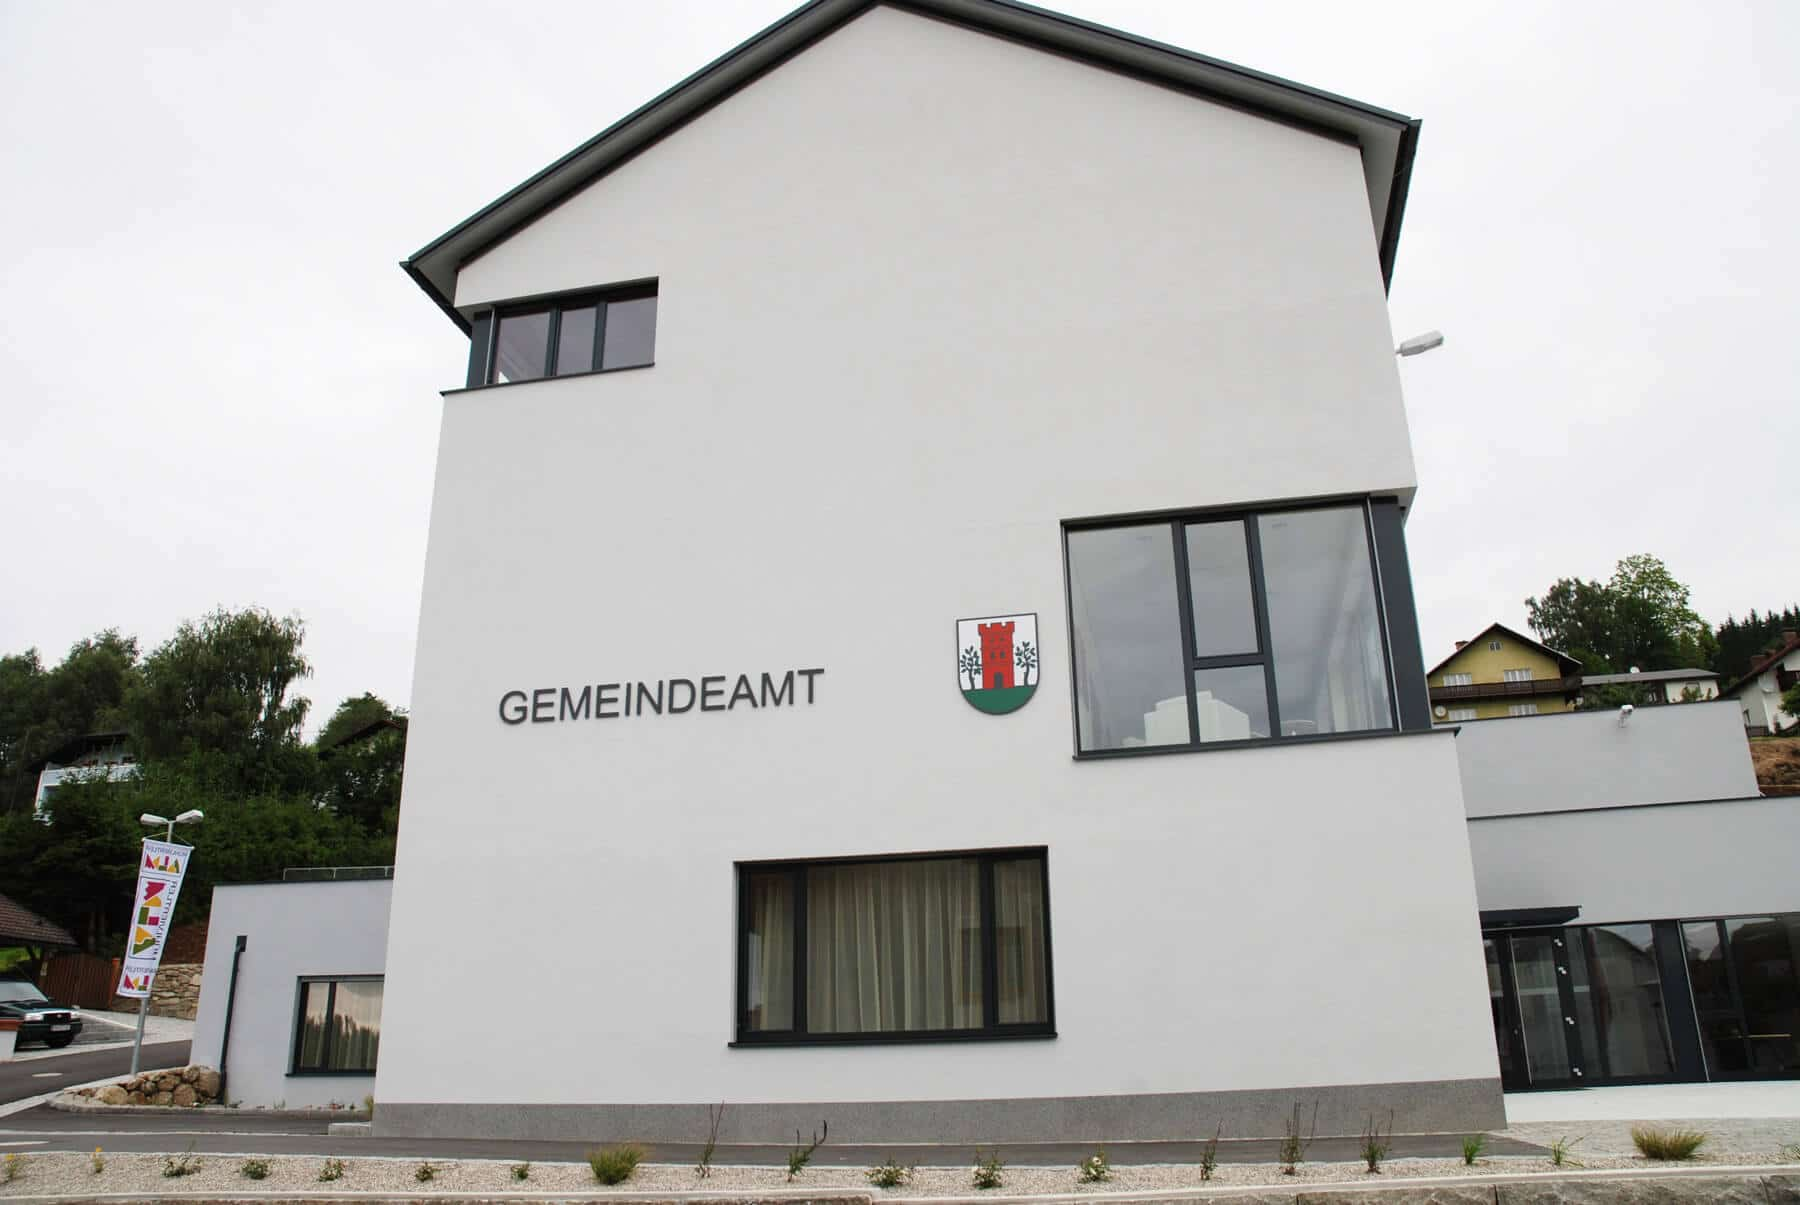 Aluportale und Fenster für Gemeindeamt